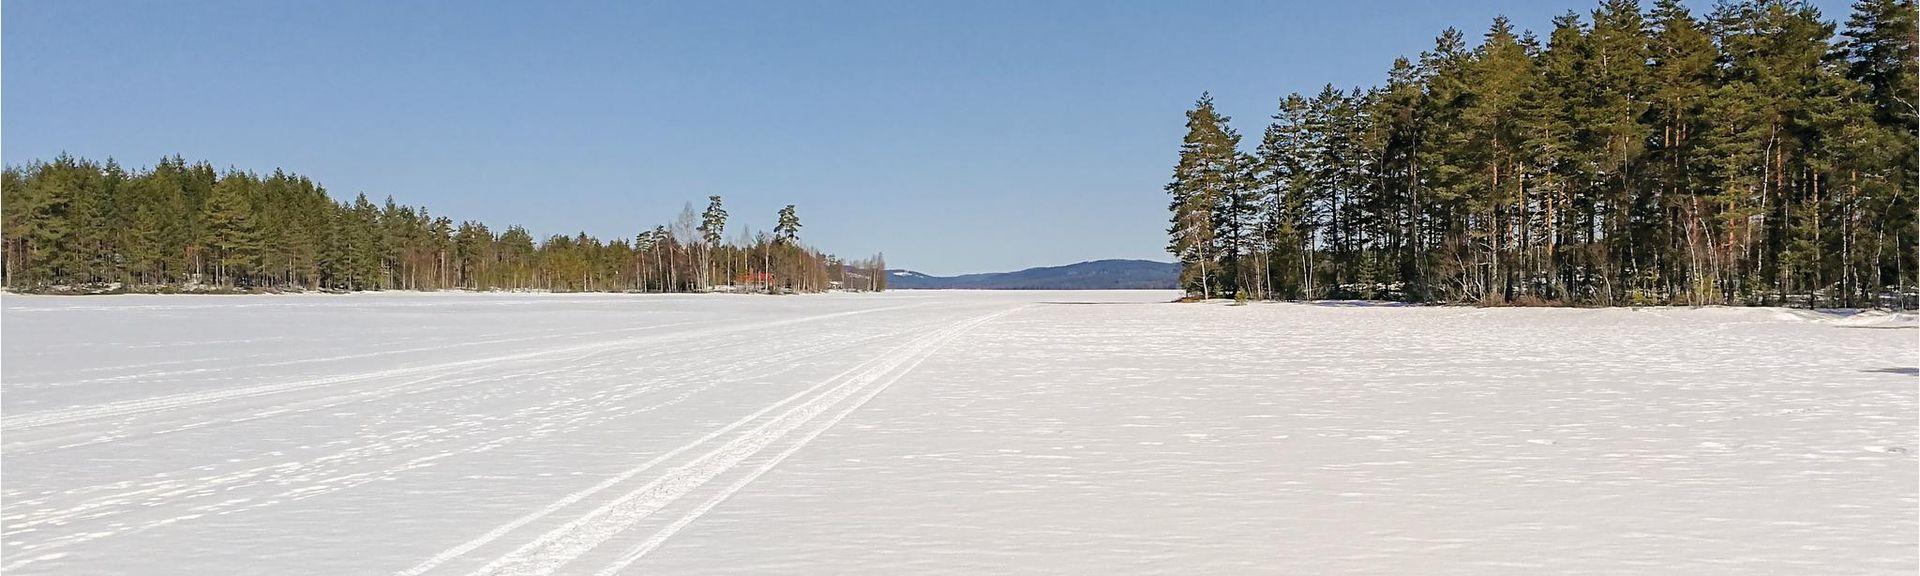 VASTRA AMTERVIK (Gare), Västra Ämtervik, Comté de Värmland, Suède